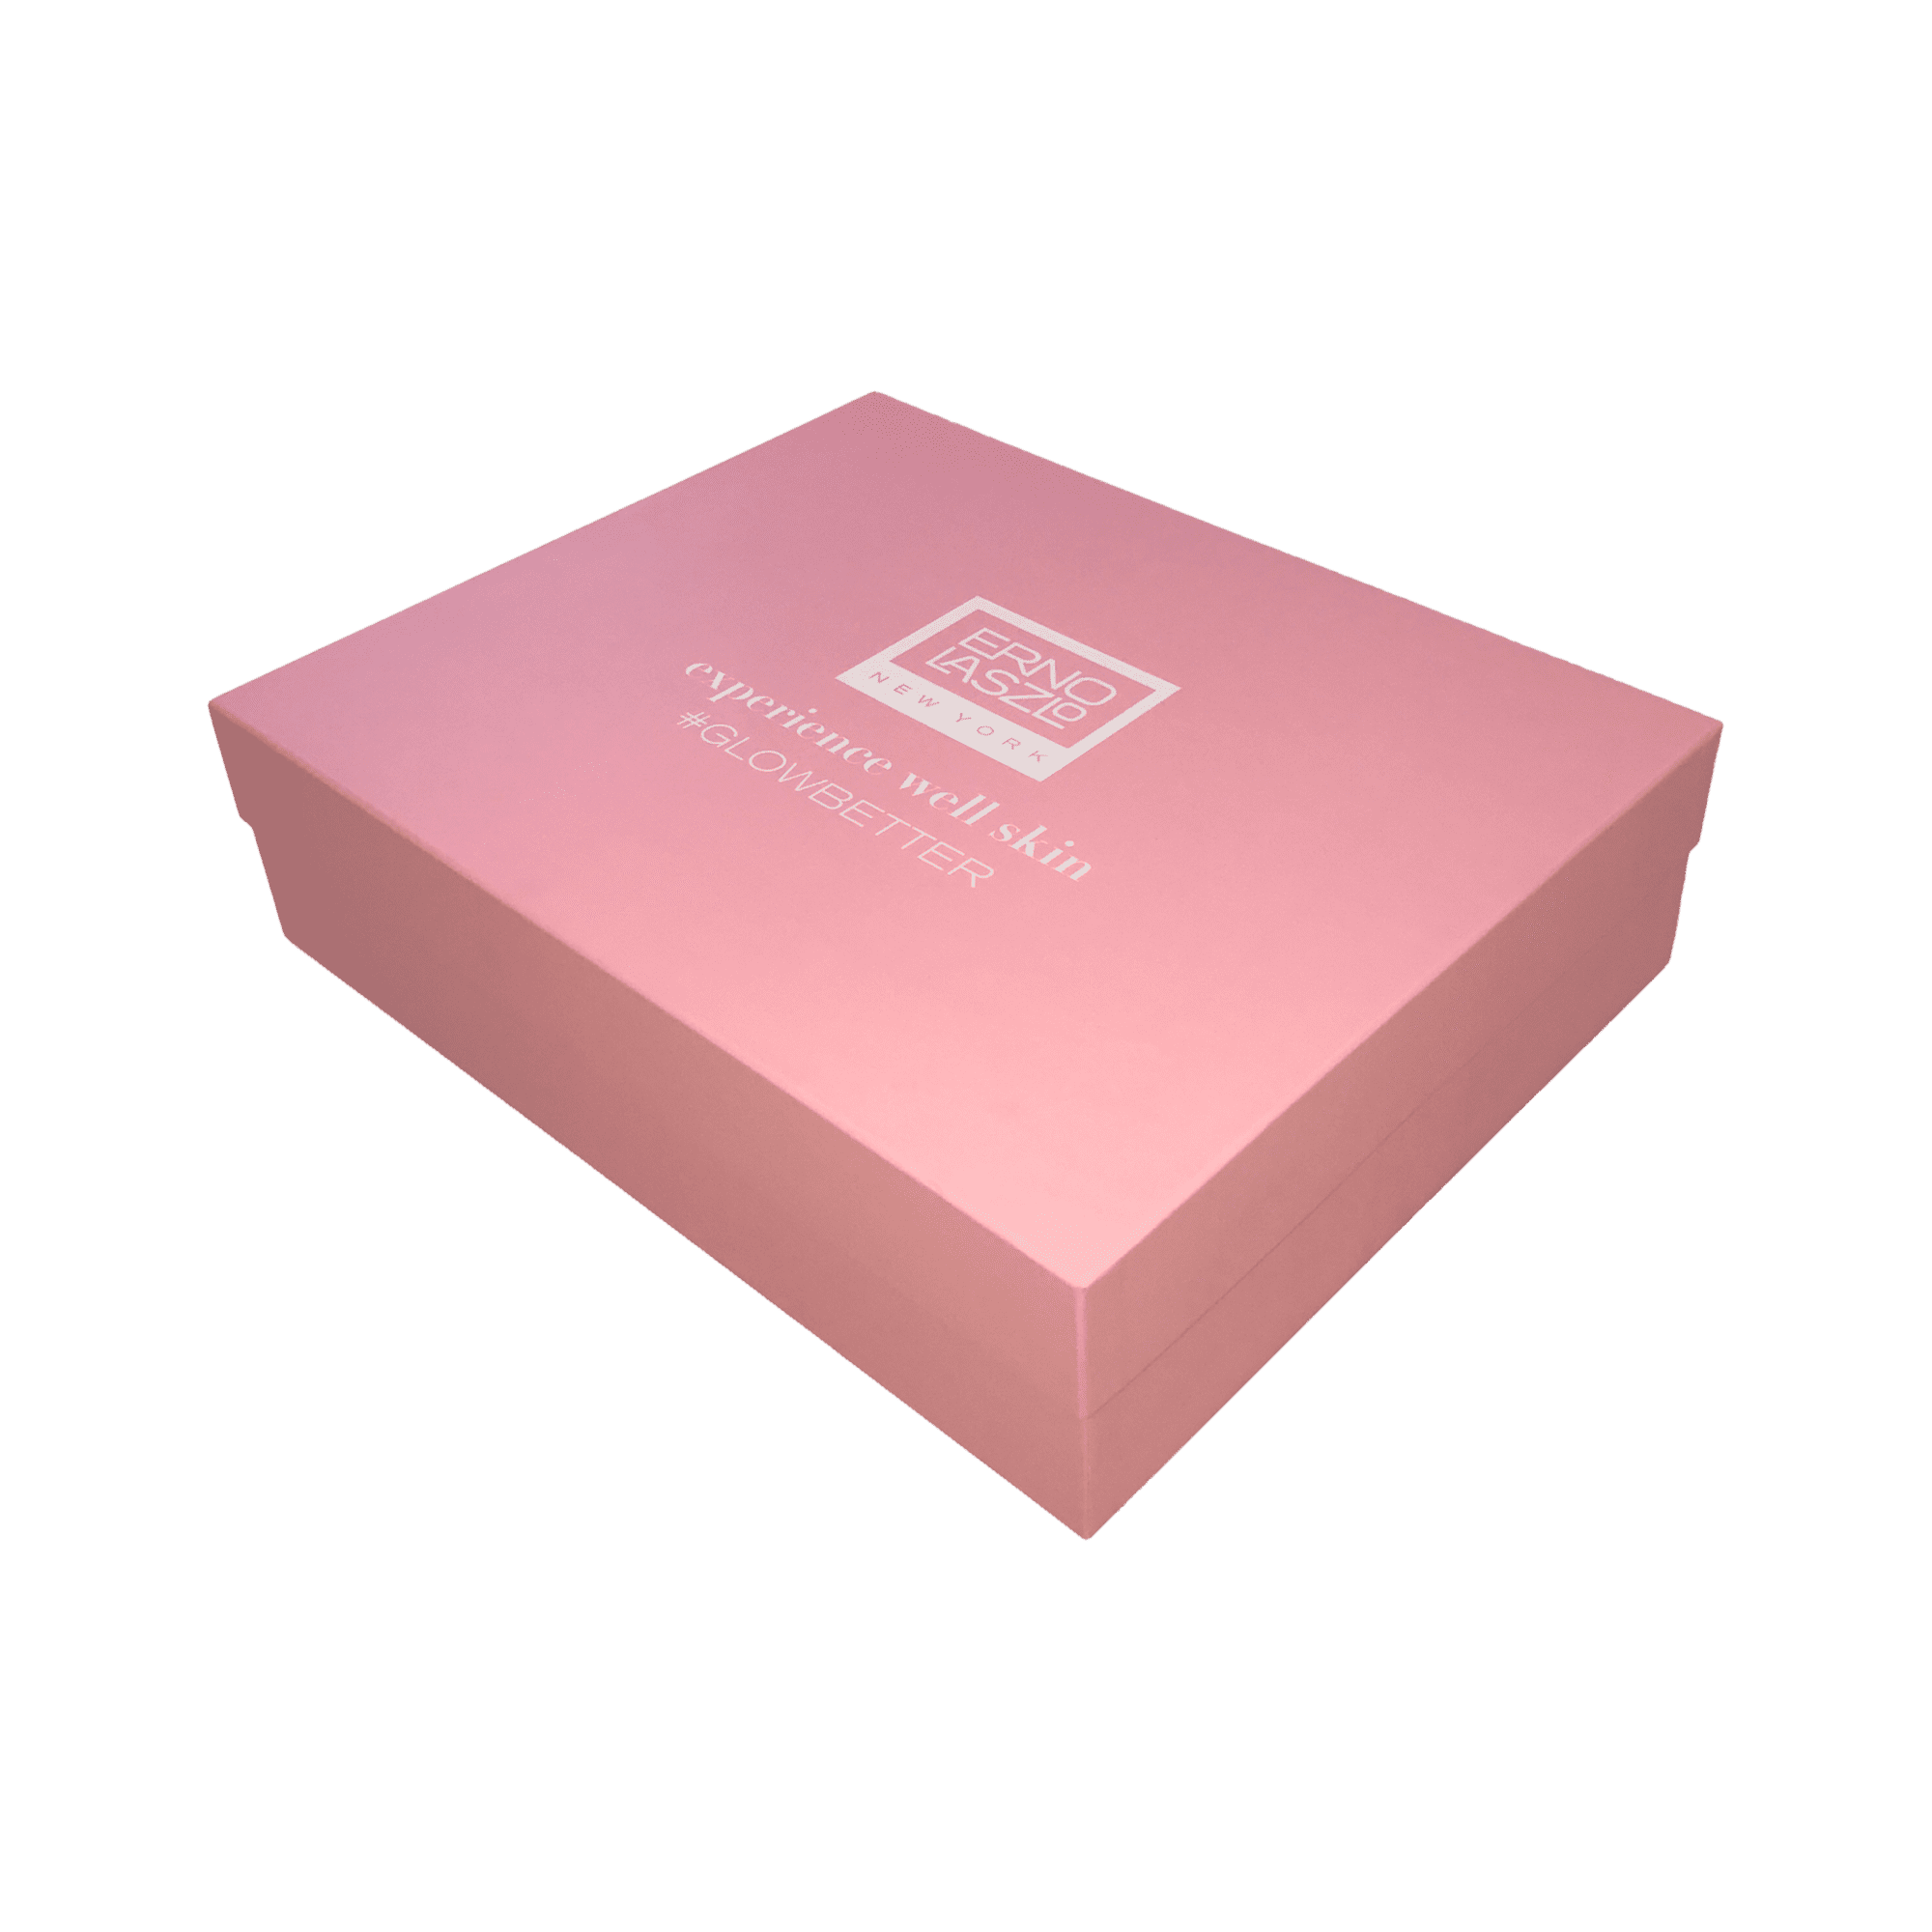 Ern Laszlo box